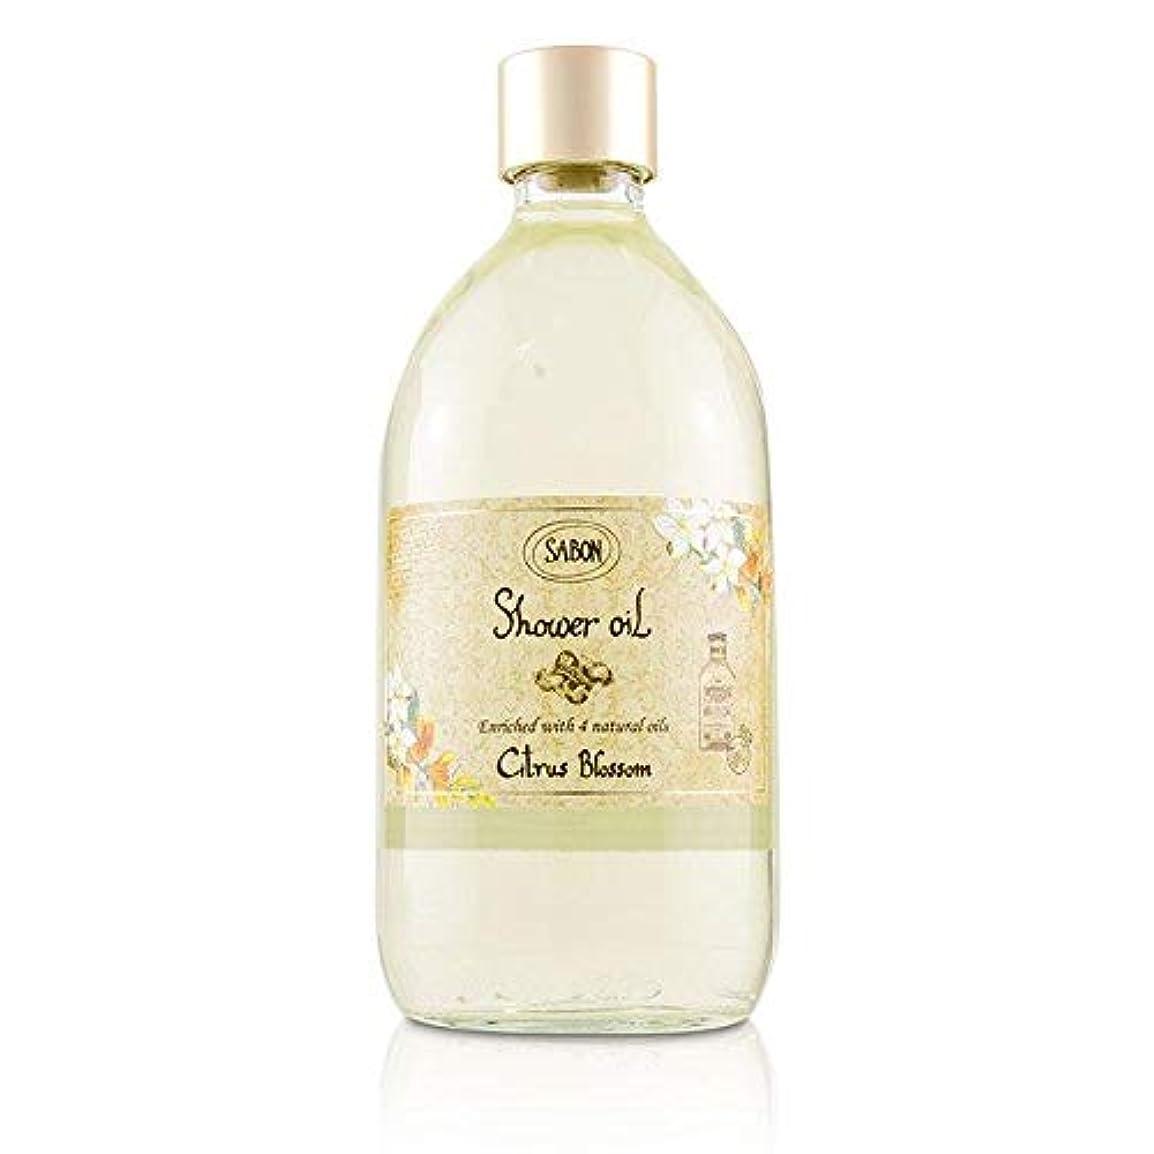 ガードいいね慣らすサボン Shower Oil - Citrus Blossom 500ml/17.59oz並行輸入品